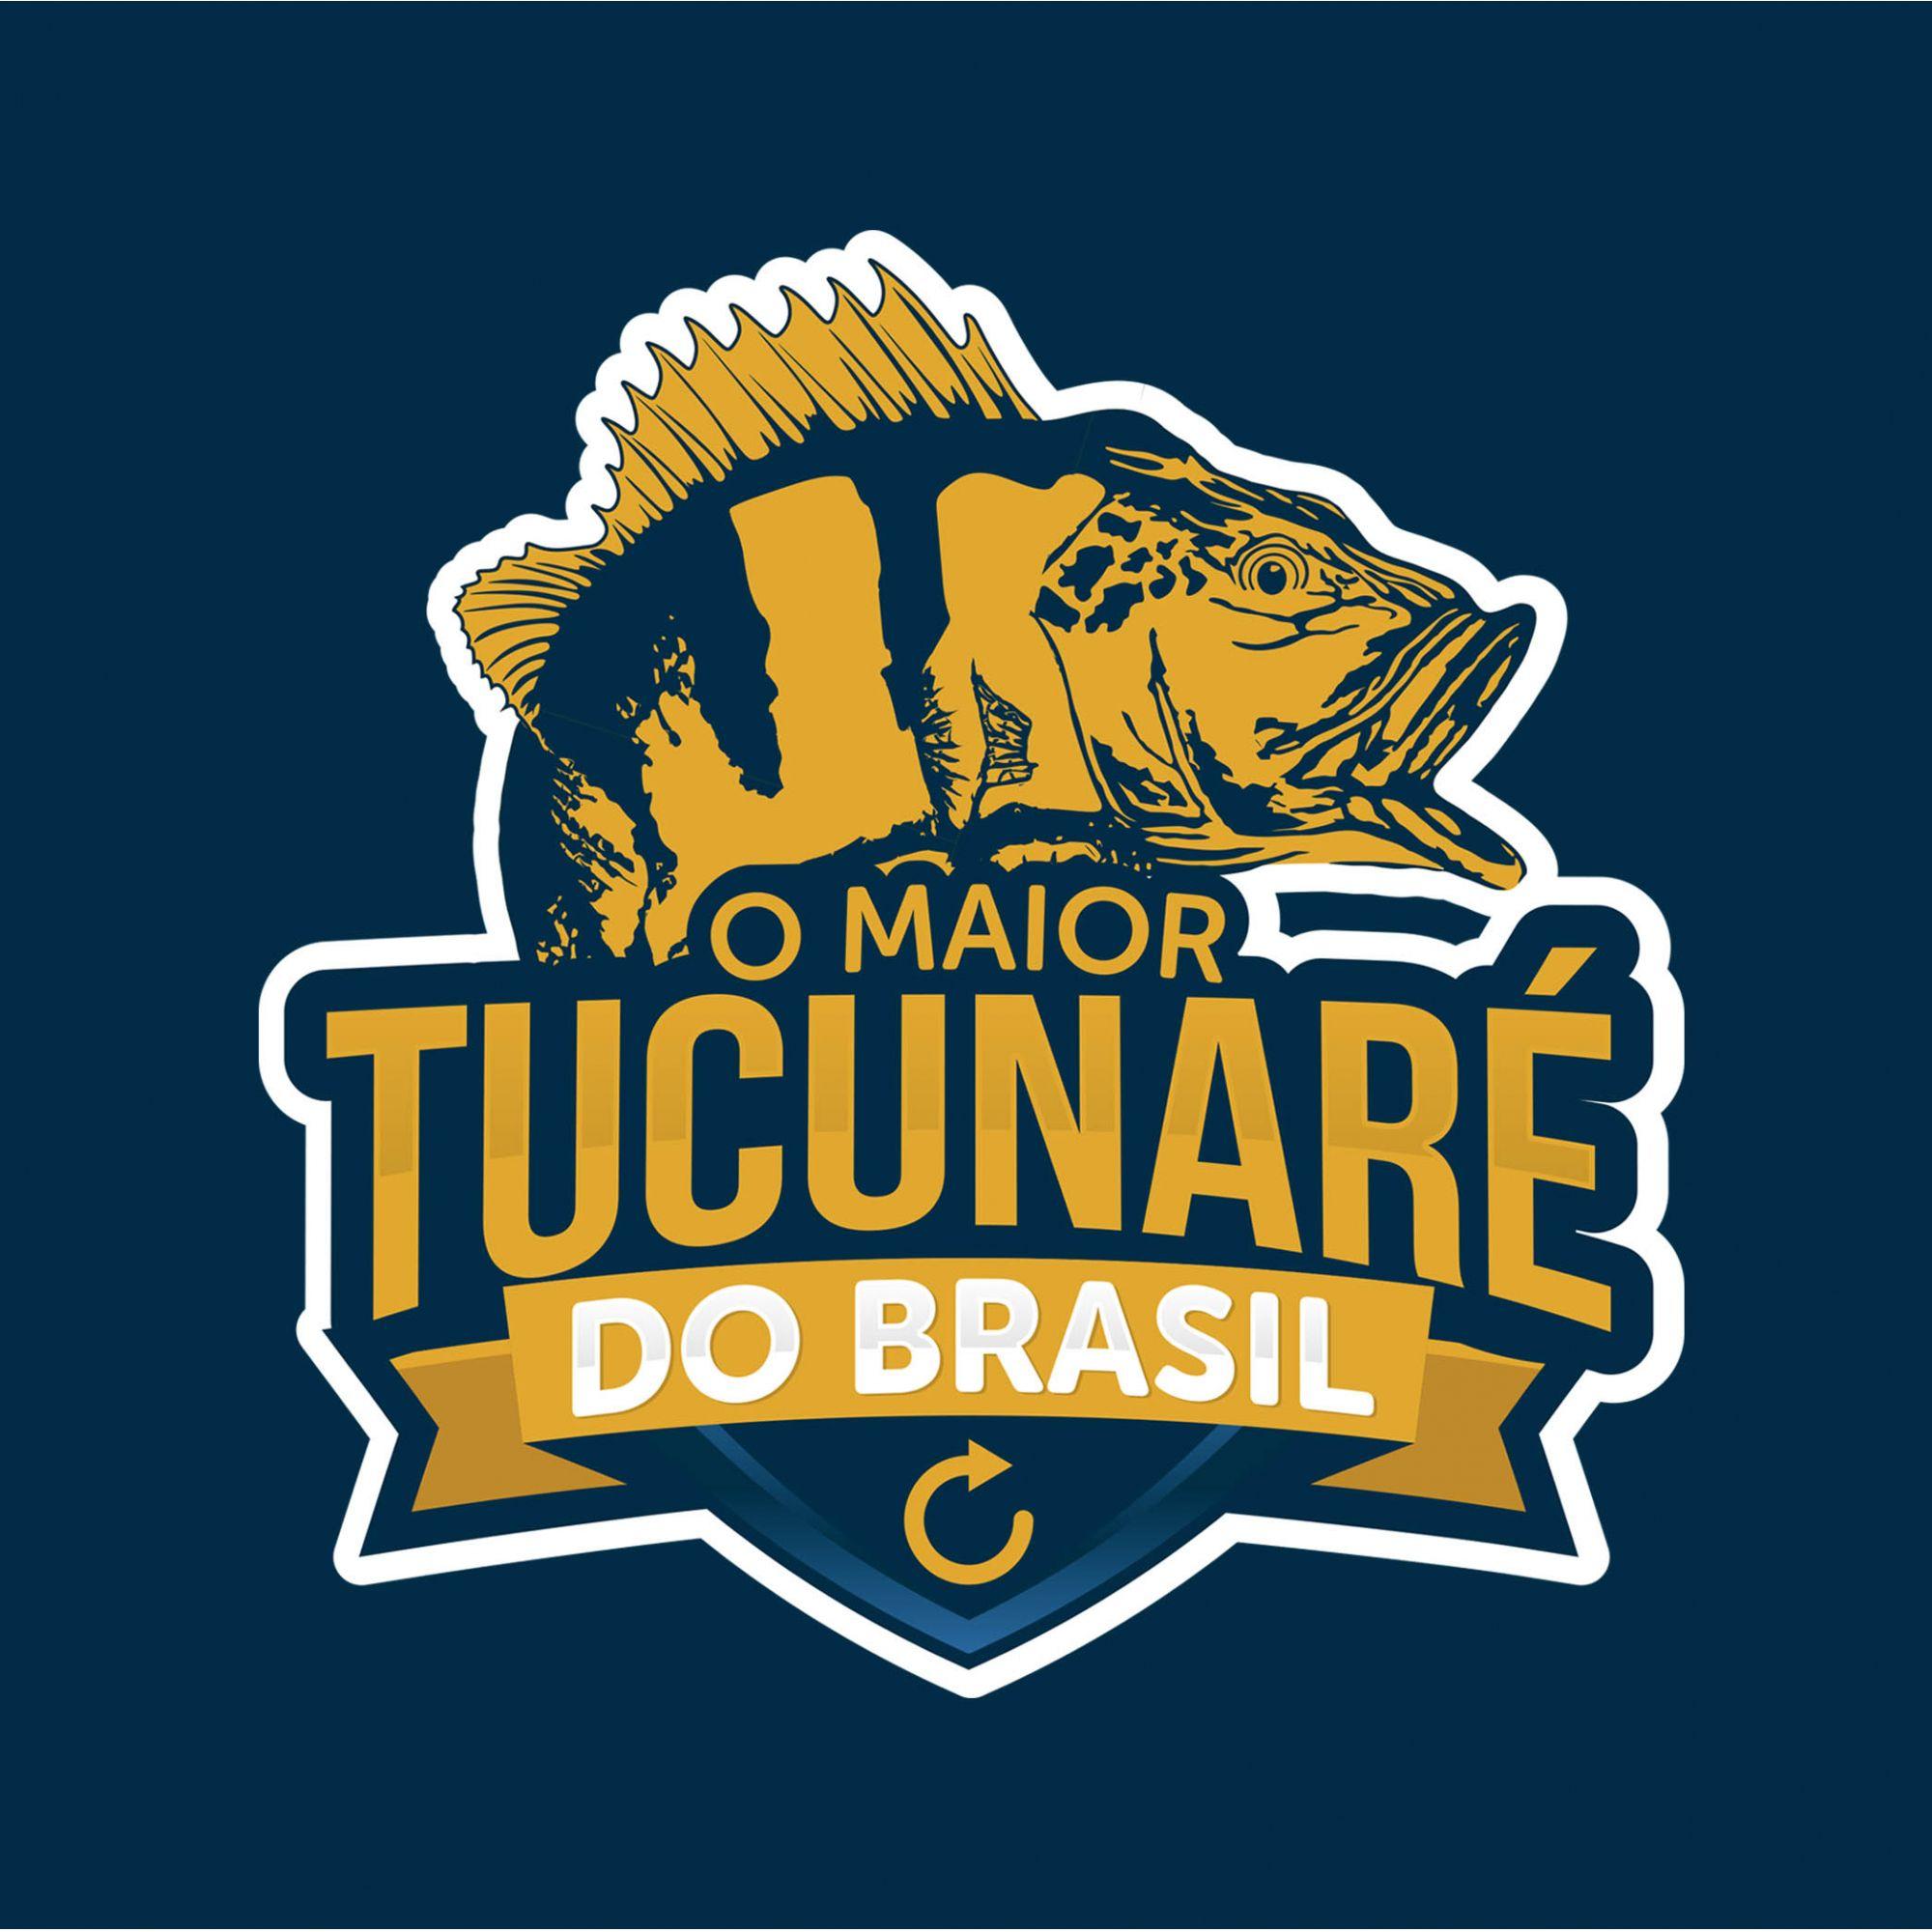 Inscrição Anual Torneio O Maior tucunaré do Brasil